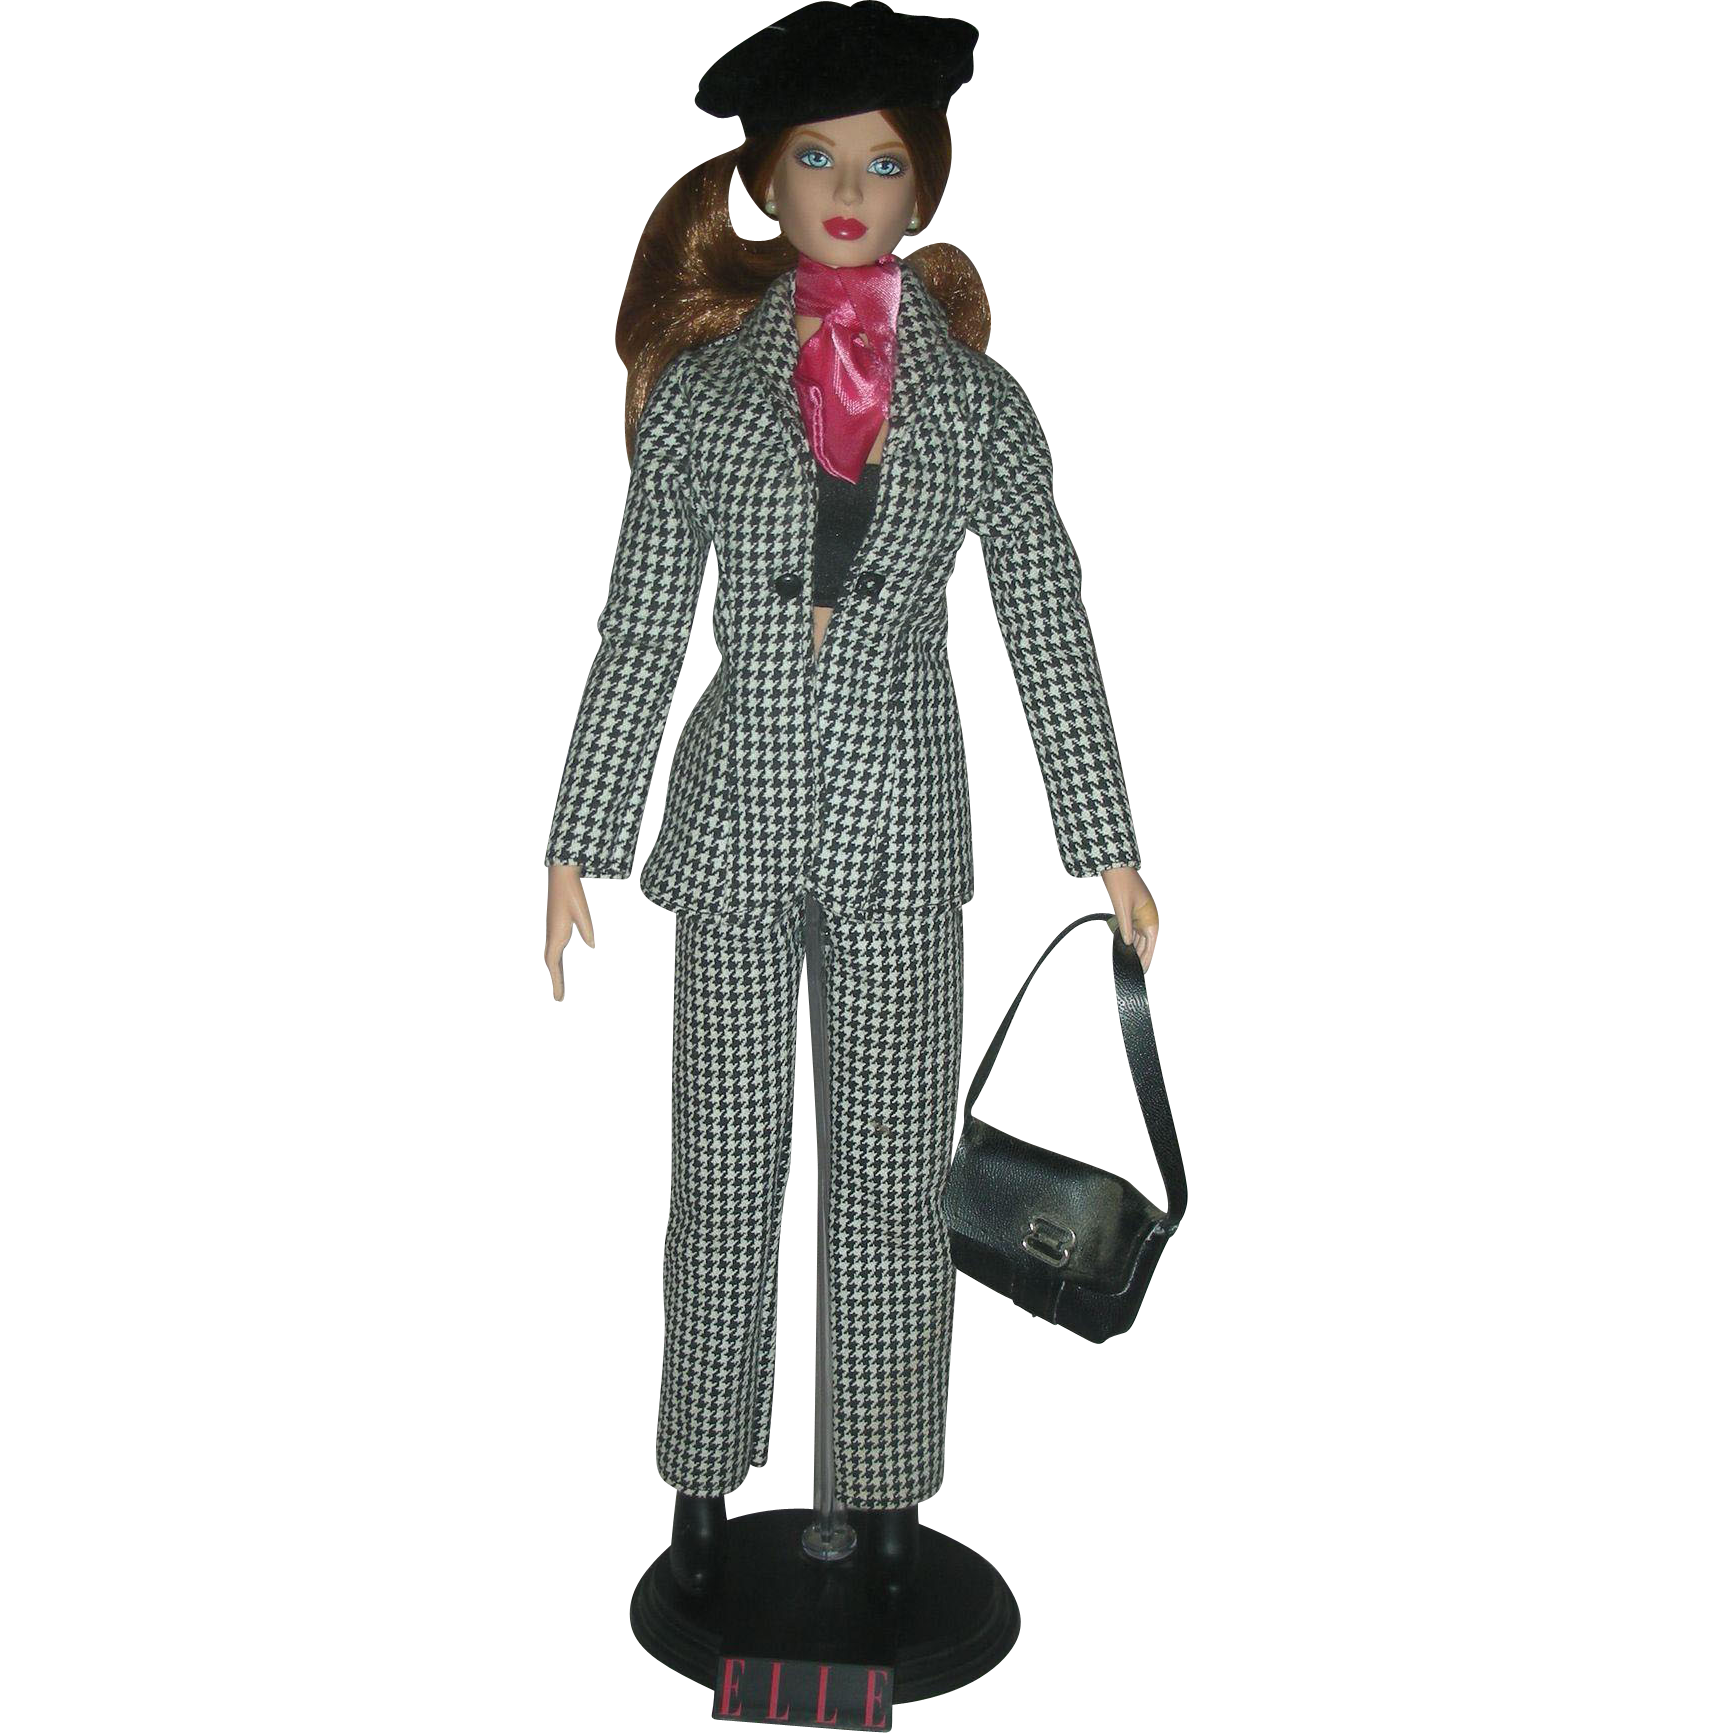 Elle Fashion Doll all original